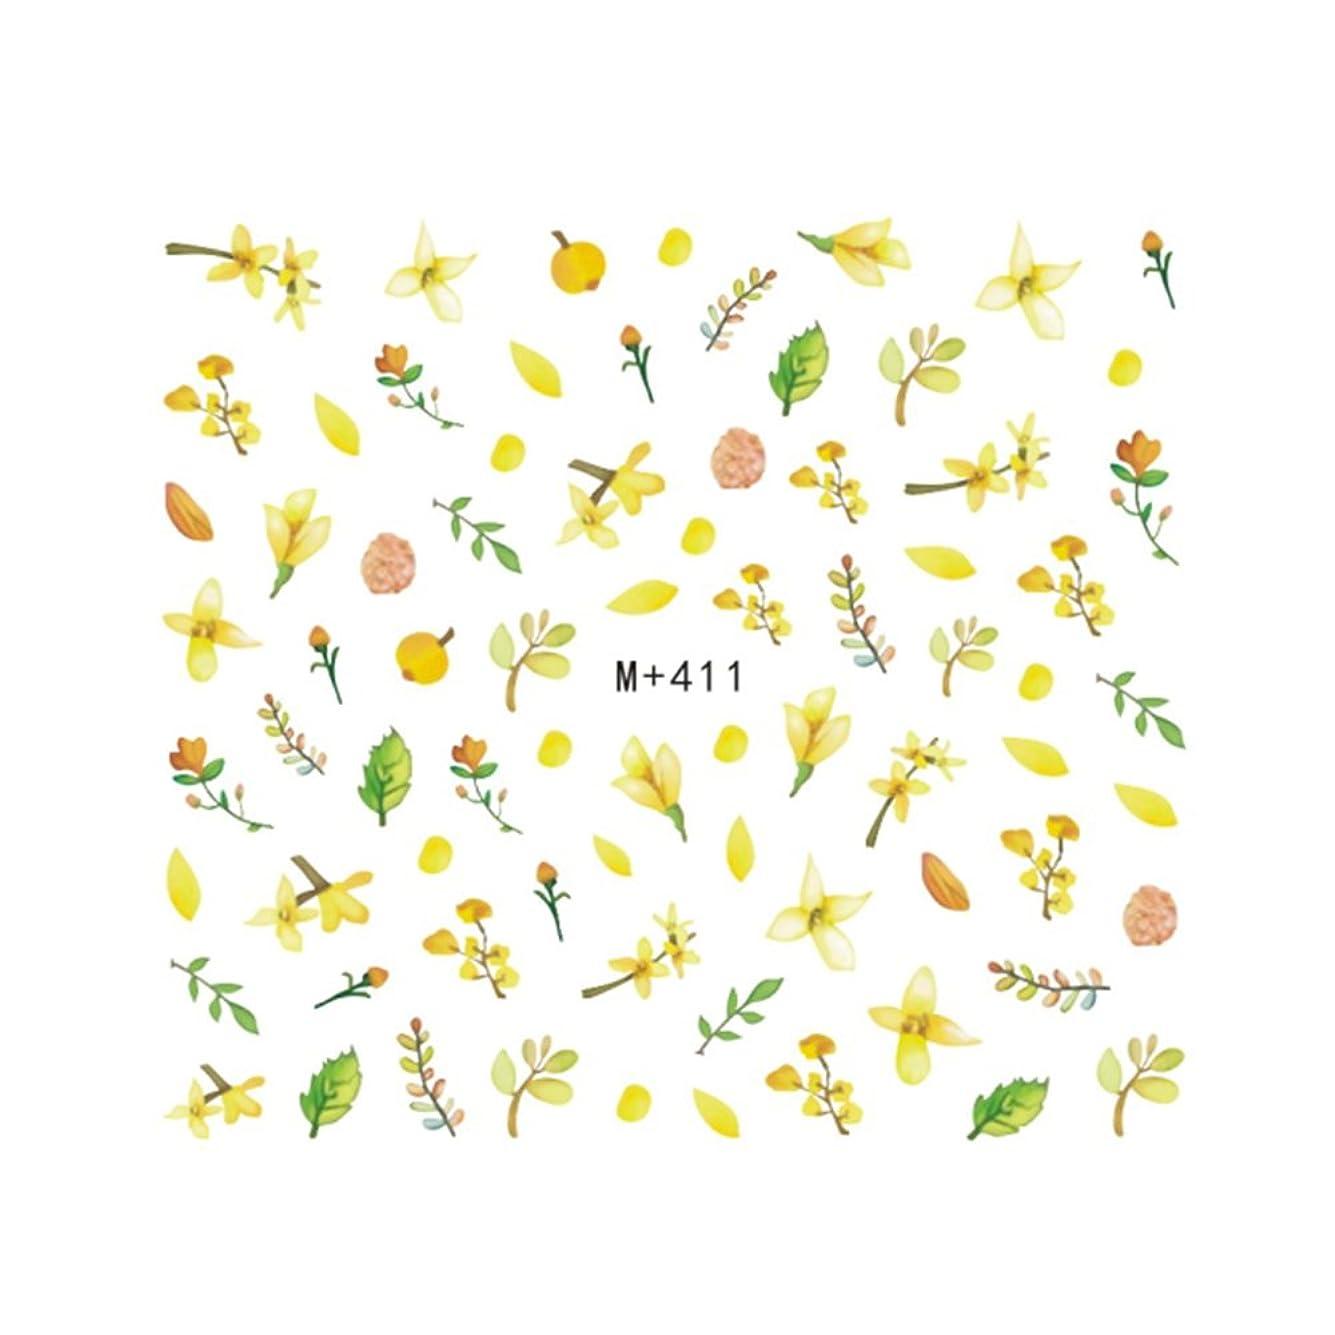 遺伝子その後頑張るイチョウネイルシール【M+411】 イチョウ 銀杏 フラワー 小花柄 イエロー ウォーターネイルシール ジェルネイル ネイルシール